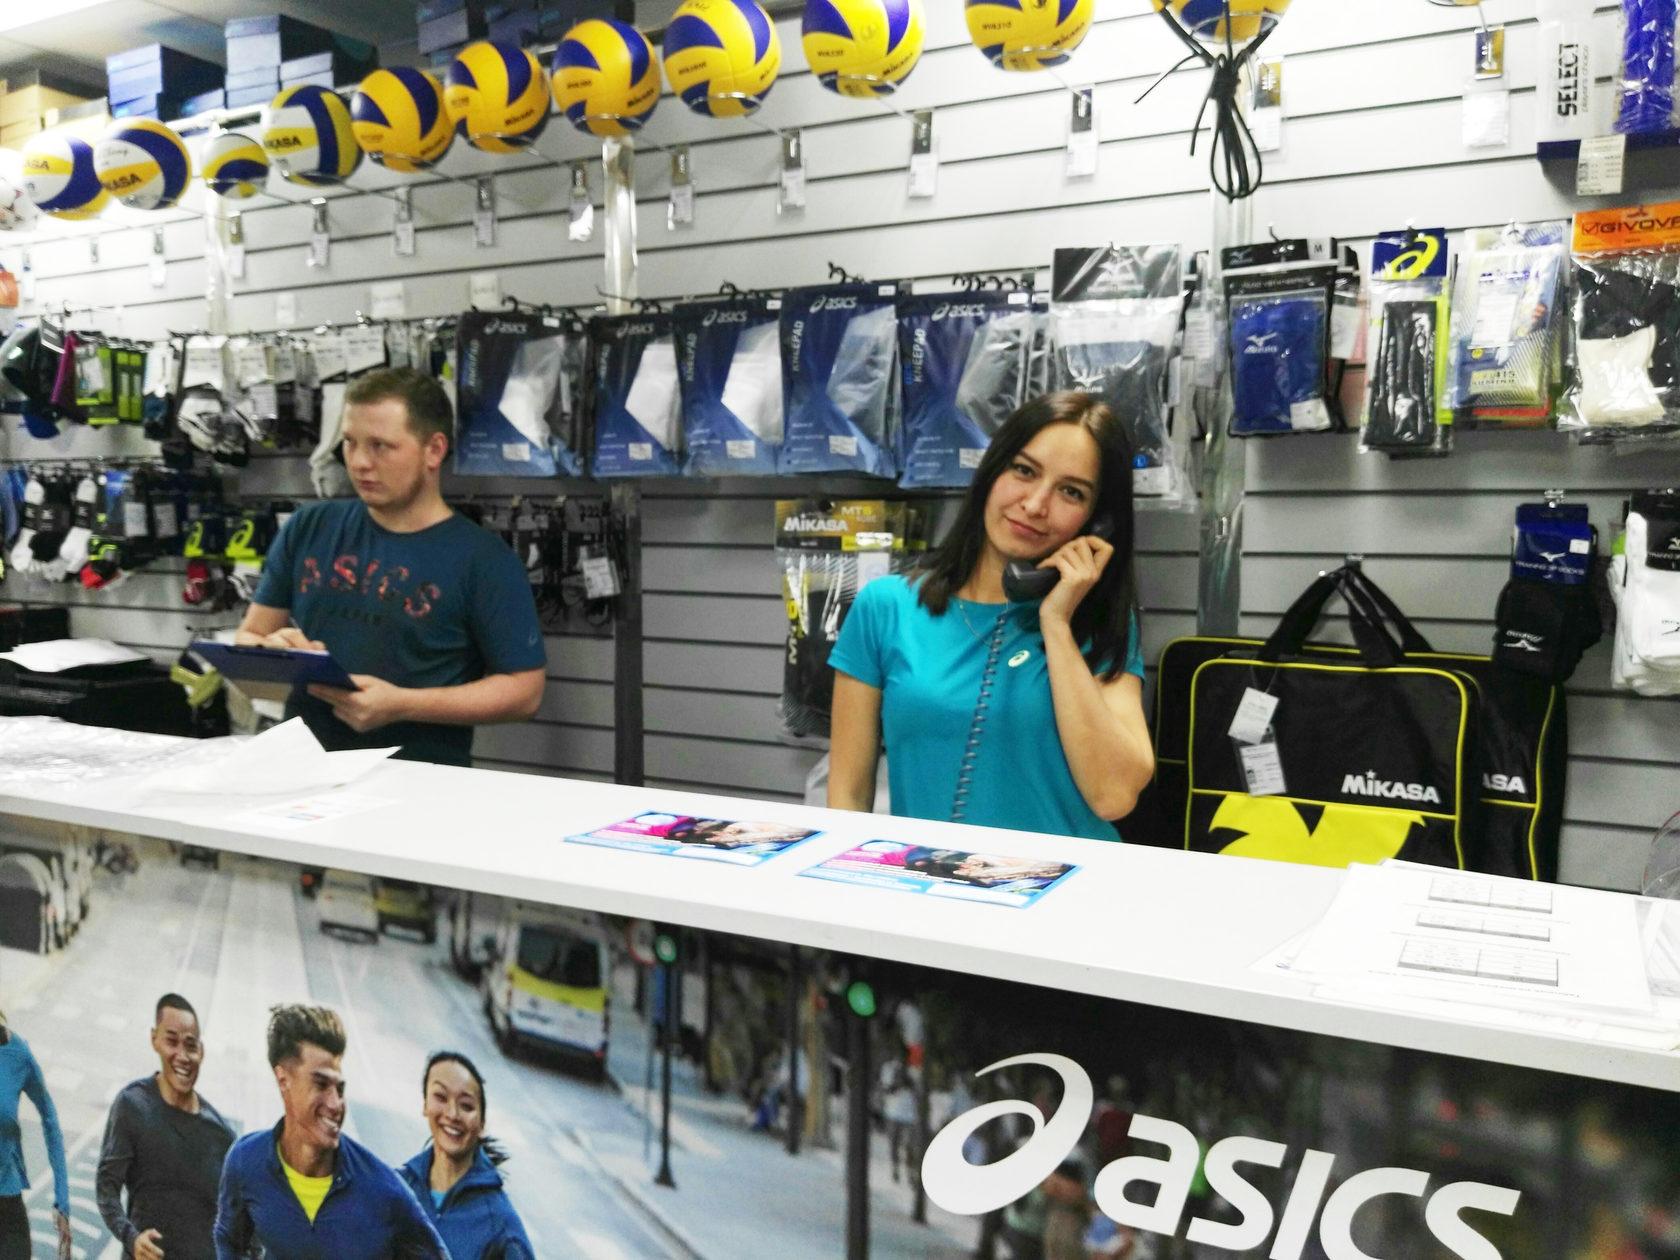 95ff5e689 Самый черный день в году: ищем большие скидки на распродажах в Екатеринбурге  | e1.ru - новости Екатеринбурга